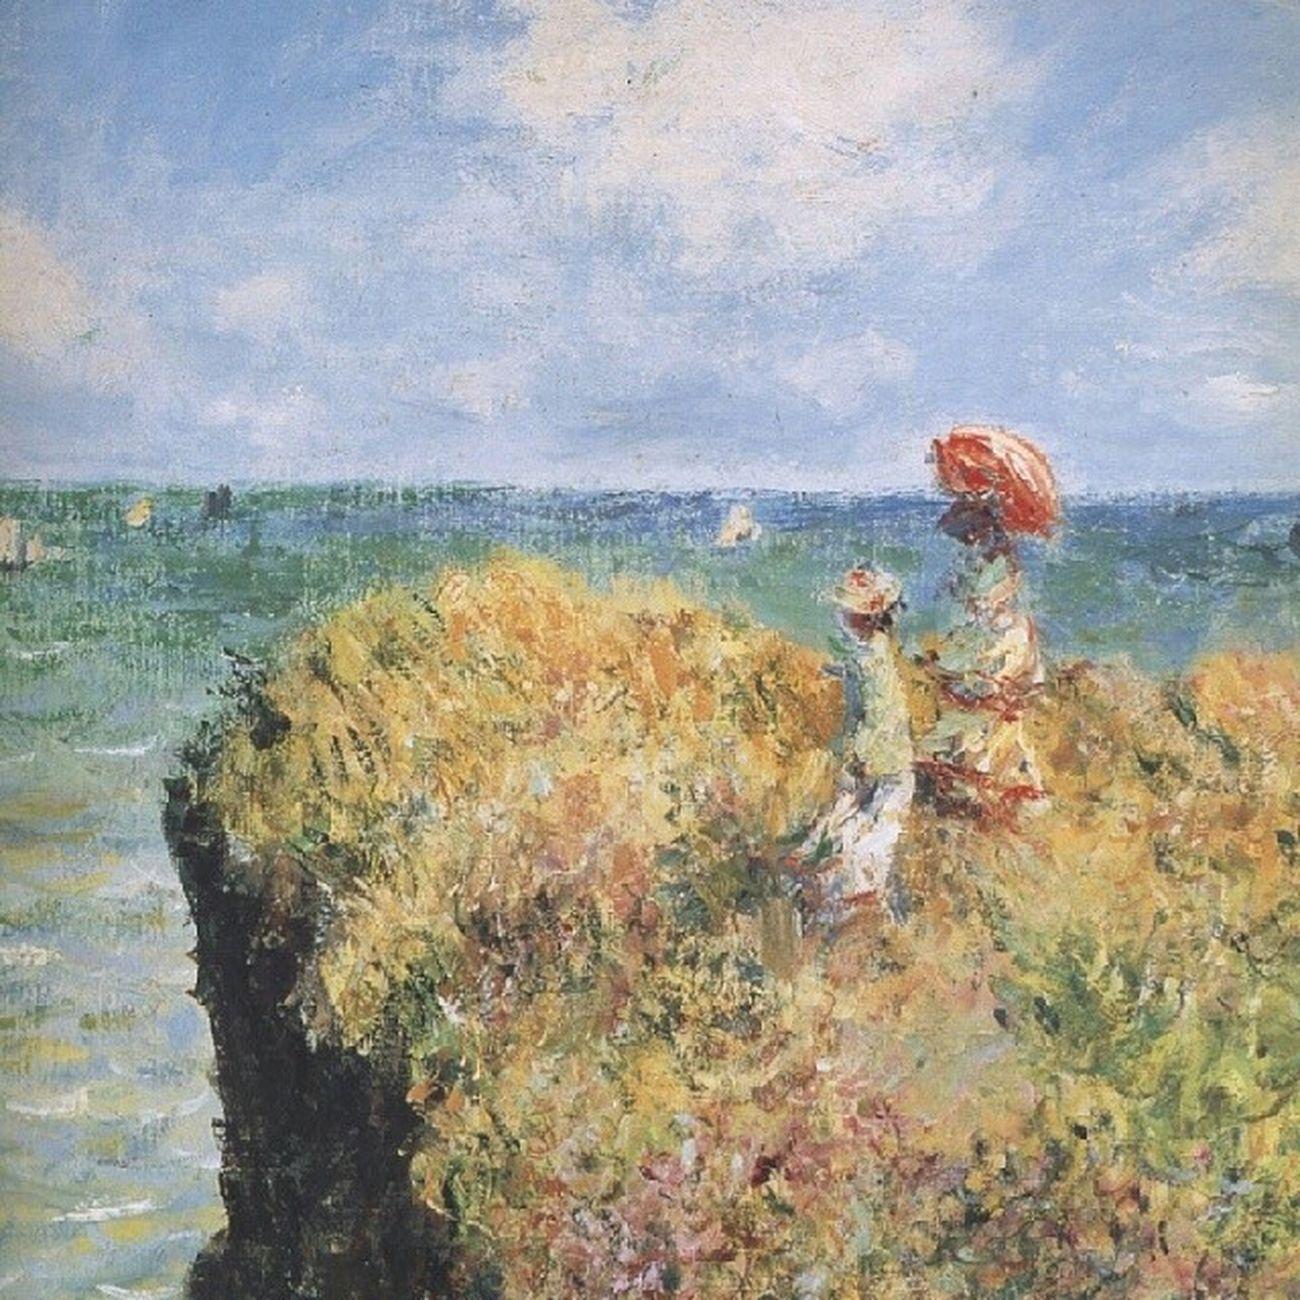 Facebookta bir Oyun oynuyoruz. Oyun soyle: Ben sevdigim bir ressamin bir resmini paylasiyorum, begenenler icin de birer Sanatci ismi yaziyorum.Bence cok zevkli! Oynamak isteyenler resmin altina yorum yazsin!Eser Claude Monet e ait! Instagramers Neşe Joy Arkadaş Friends Art Artist Painters Türkiye Istanbul Sanat Amazing Paintings Play Instaturk Instagramturkey Instagramturkiye Resim Ressam